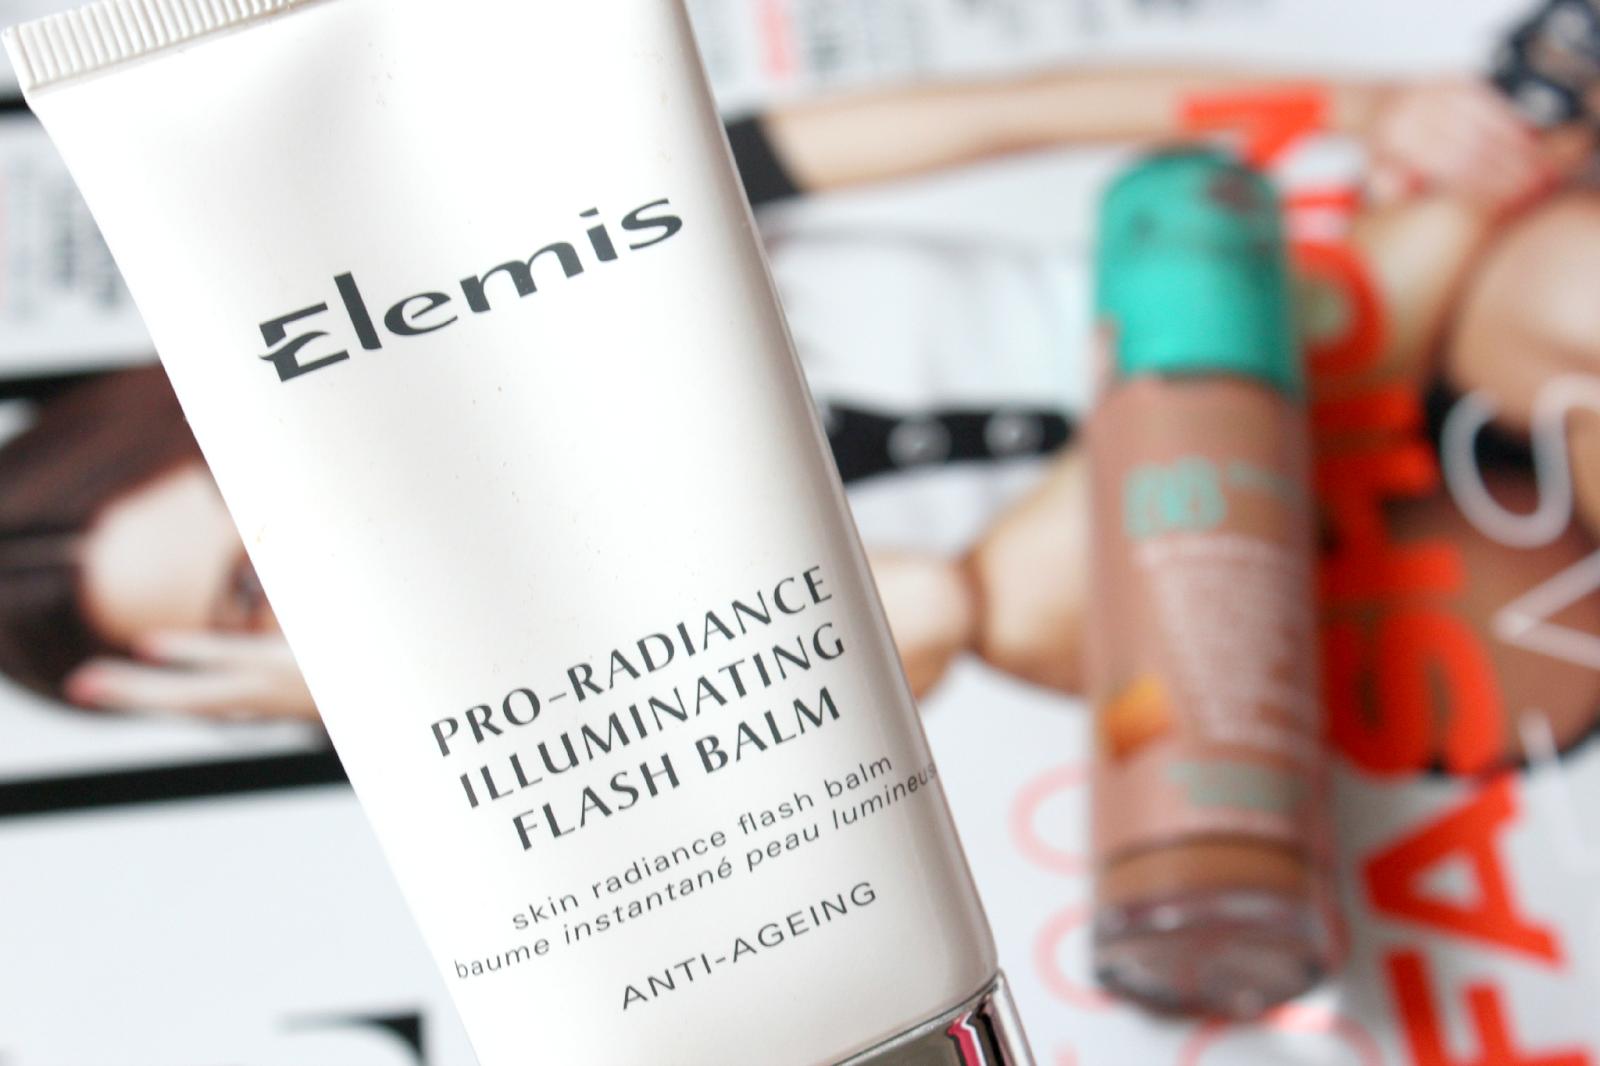 Elemis - Pro-Radiance Illuminating Flash Balm *